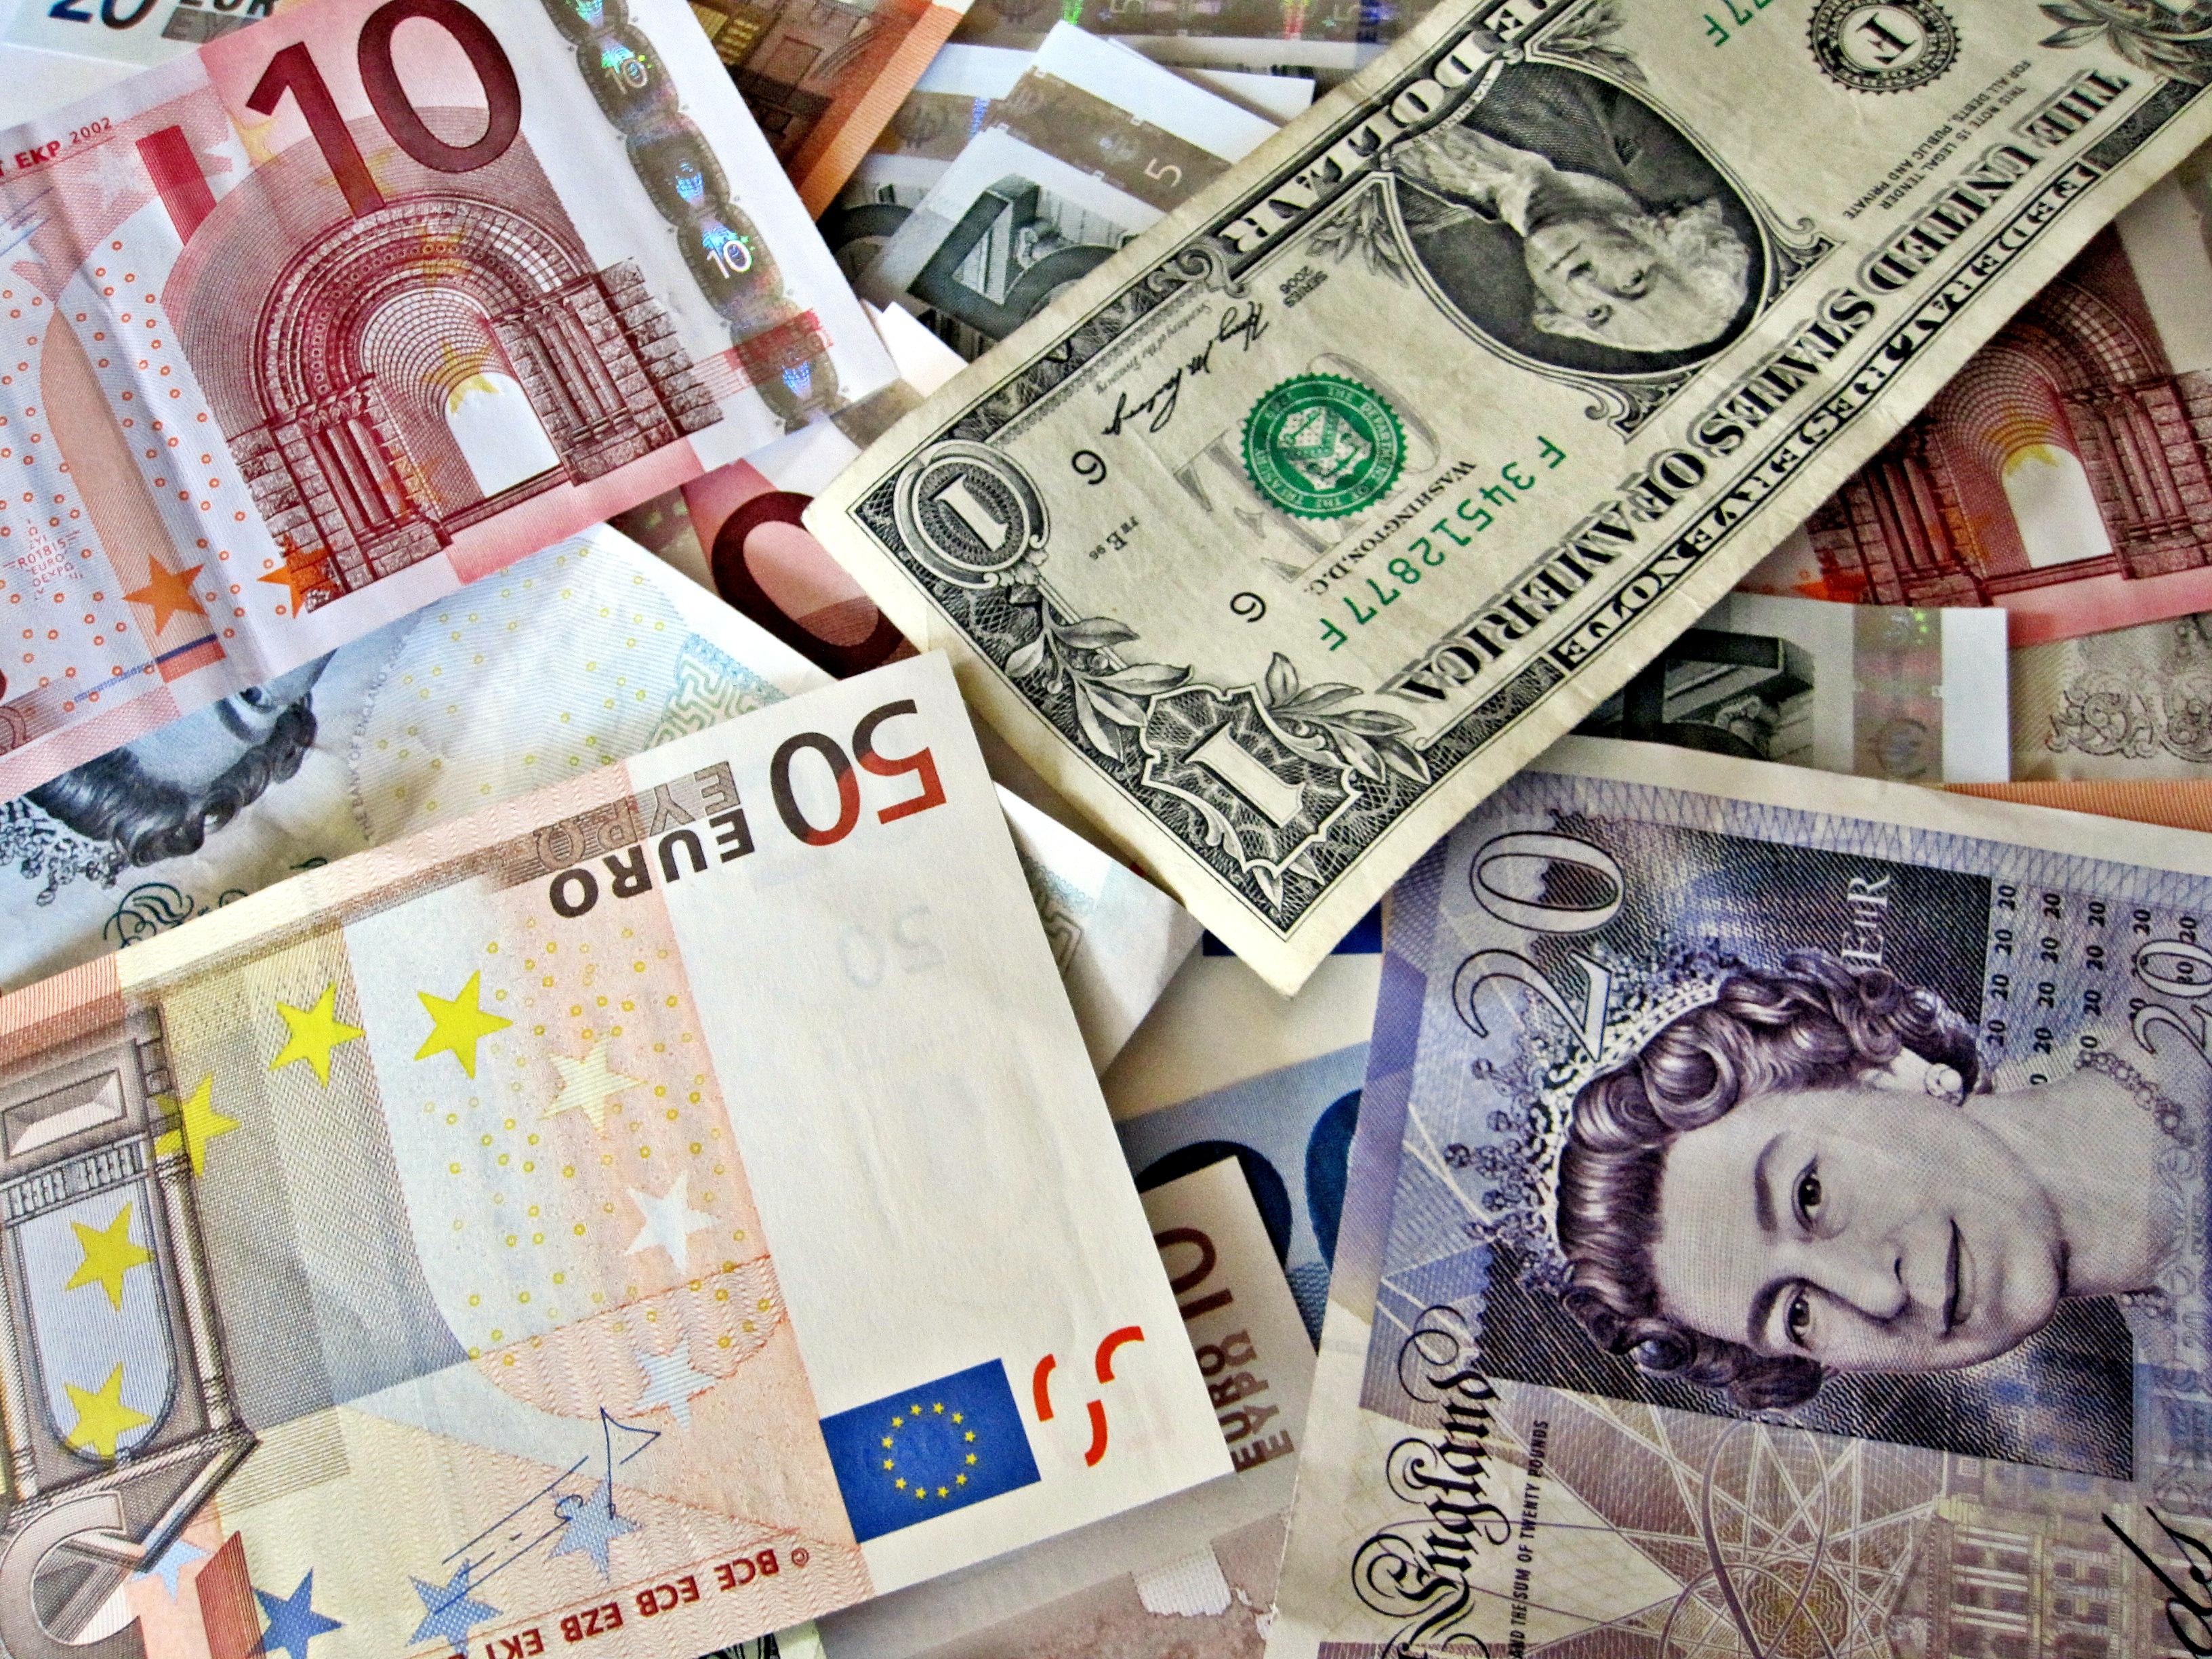 cuanto vale 1 libra en euros